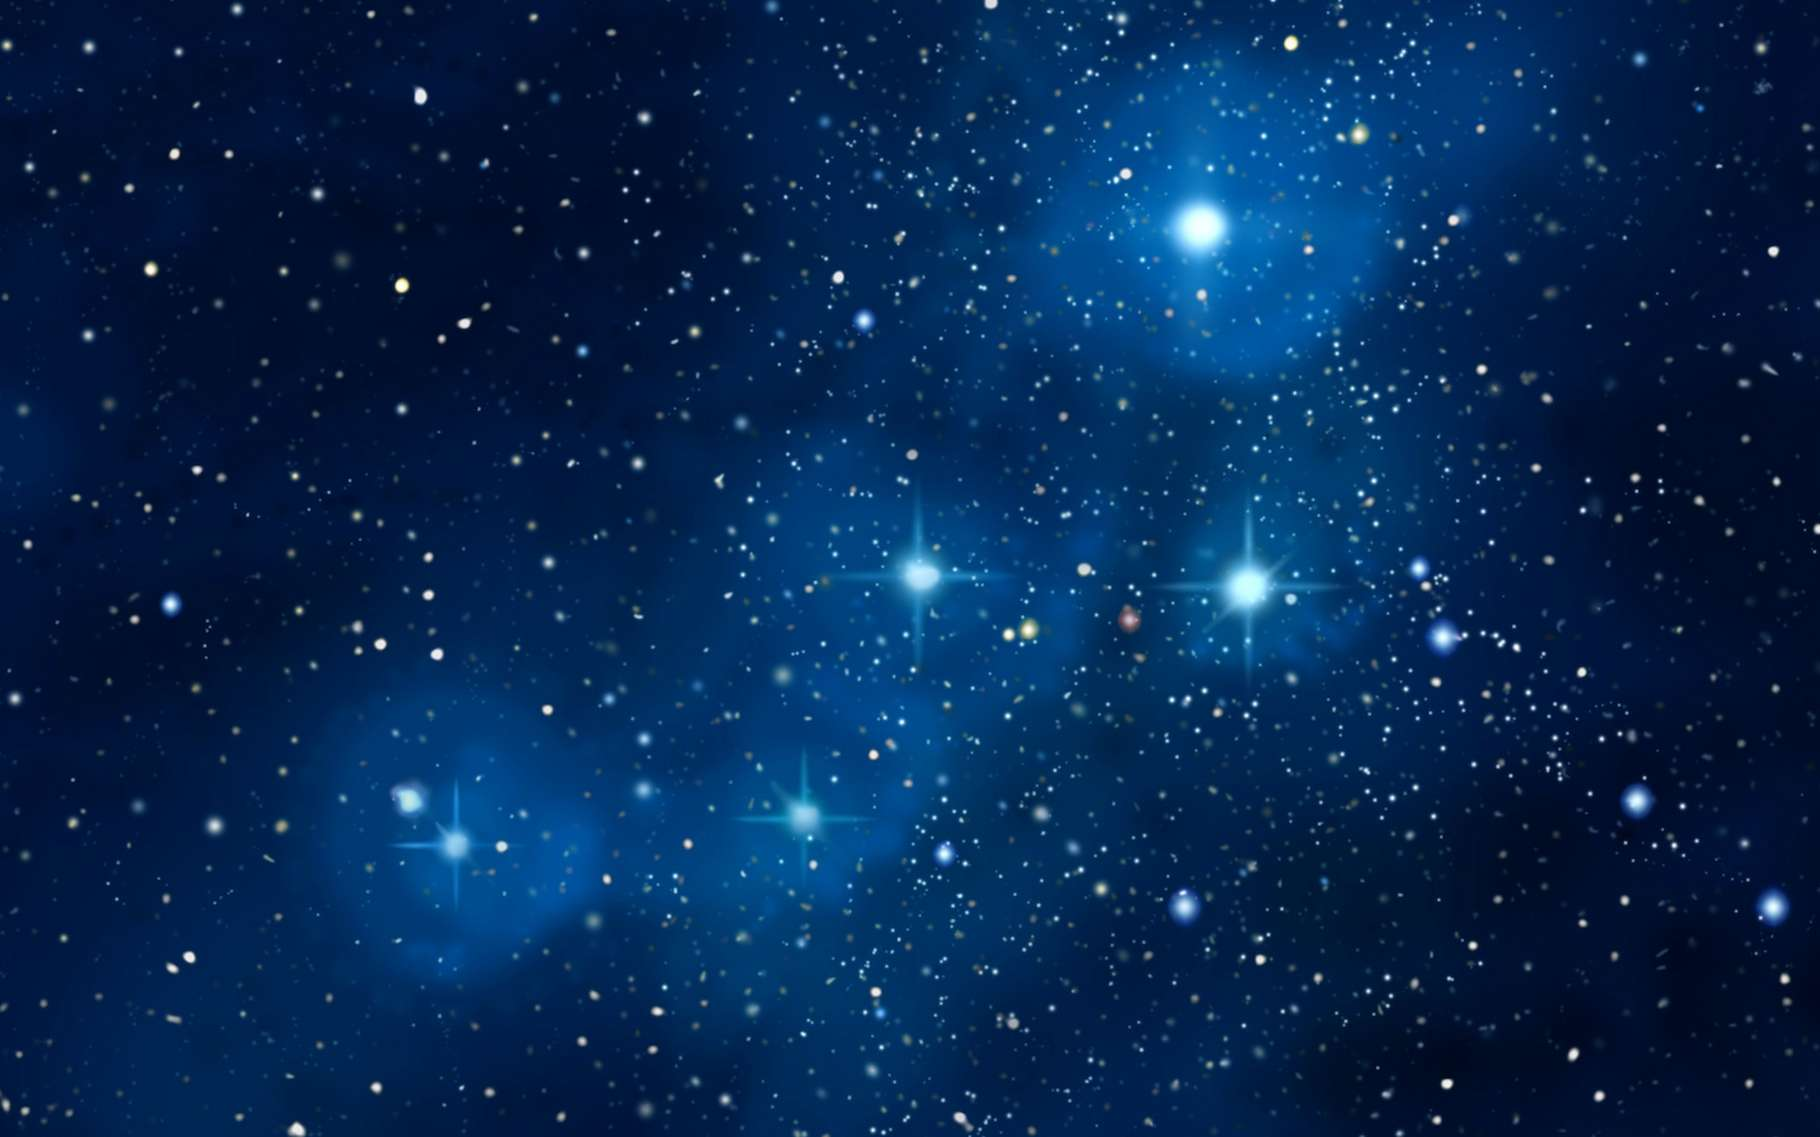 Dans la constellation de Cassiopée, les astronomes ont trouvé une étoile qui ne ressemble à aucune autre. © luceluceluce, Adobe Stock